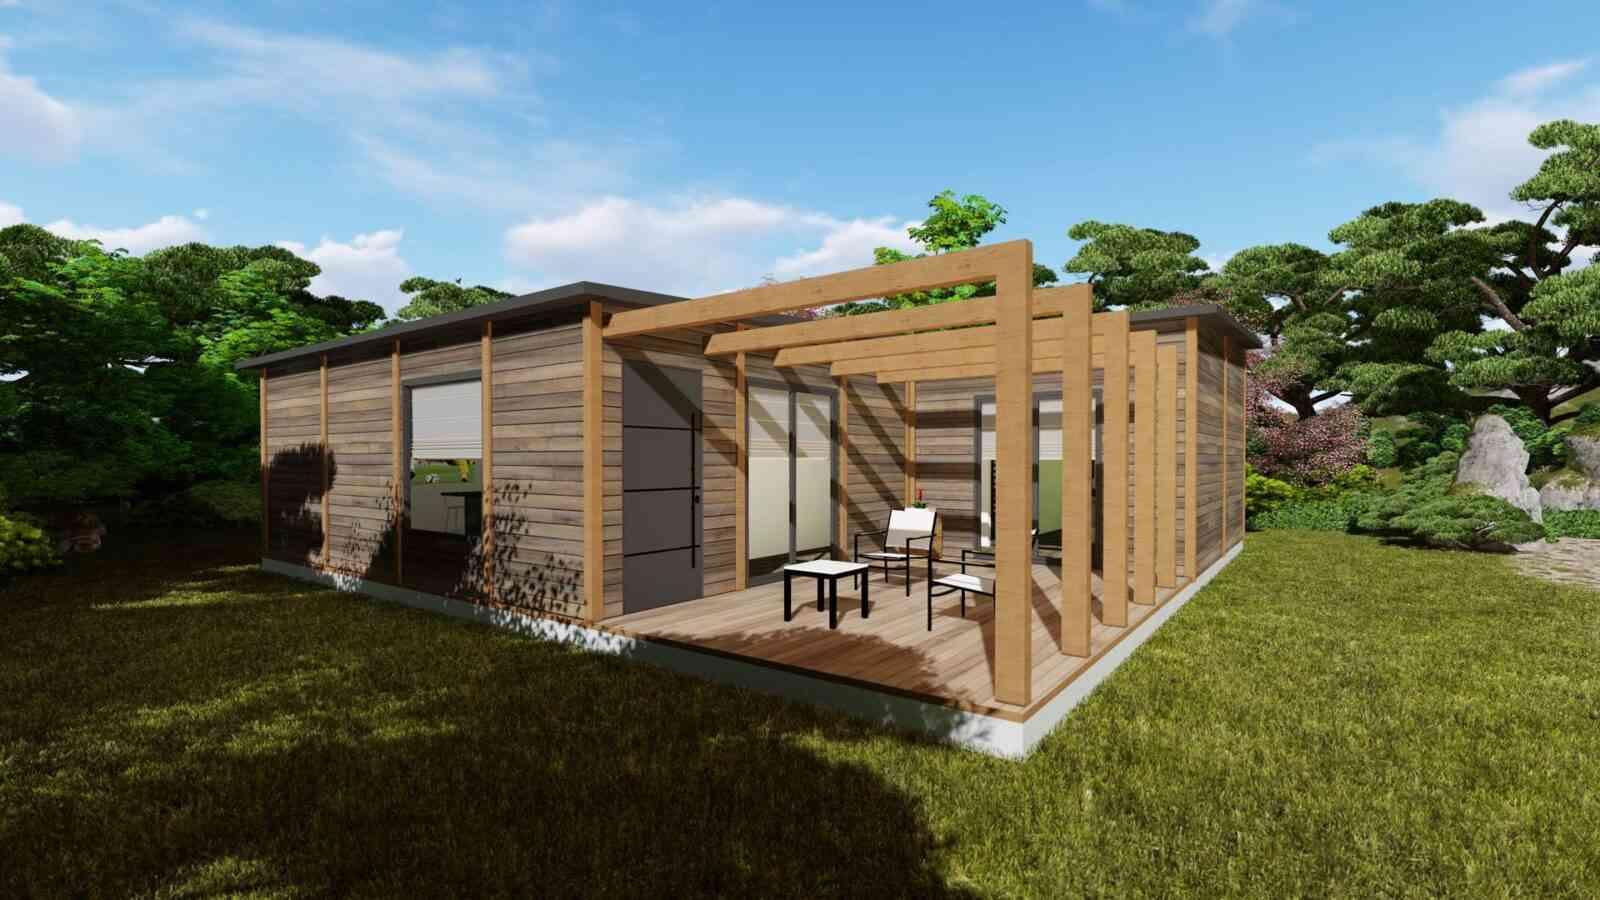 Casa de madeira modelo Modular 119m², em Portugal